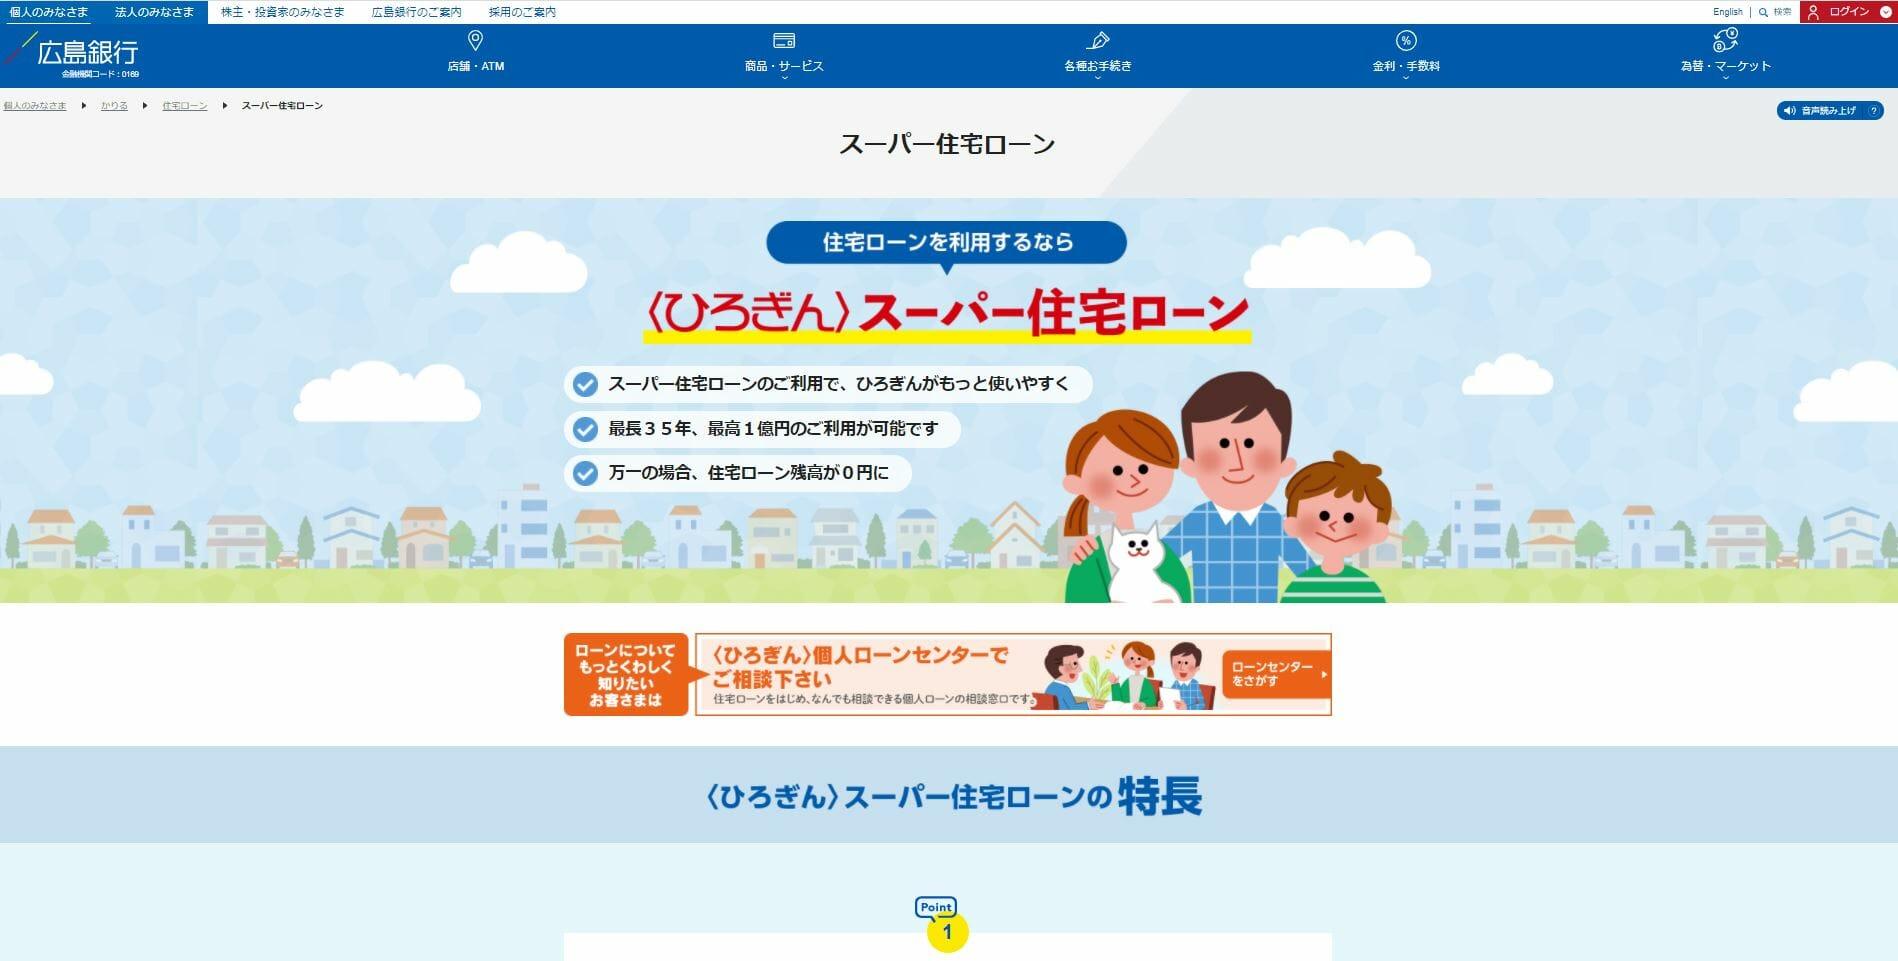 広島f銀行の住宅ローン